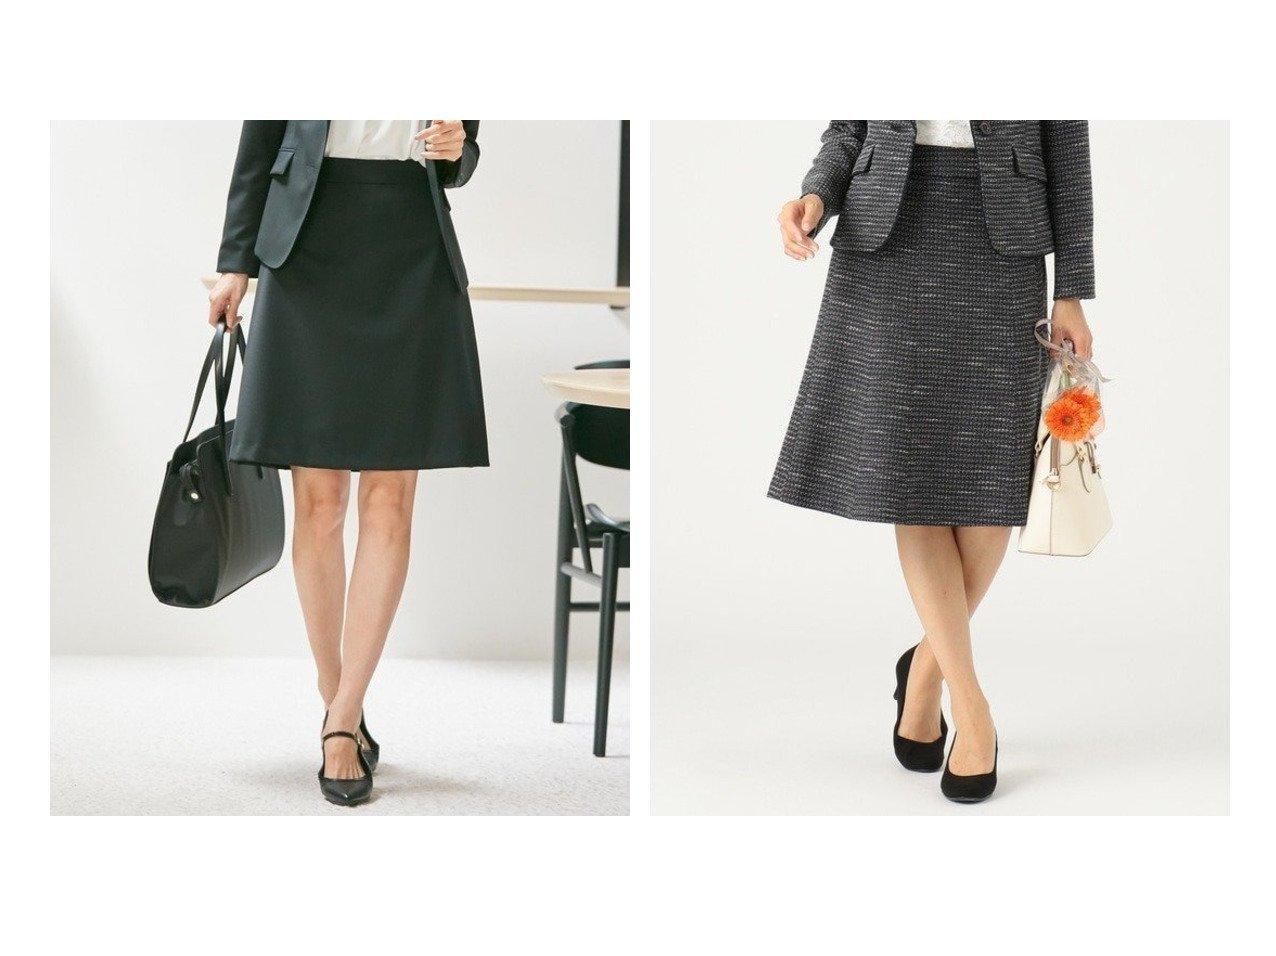 【any SiS/エニィ スィス】の【セットアップ対応】リップルボーダーストレッチ スカート&【KUMIKYOKU/組曲】の【セットアップ対応】ウォッシャブルウールストレッチ スカート スカートのおすすめ!人気、トレンド・レディースファッションの通販  おすすめで人気の流行・トレンド、ファッションの通販商品 メンズファッション・キッズファッション・インテリア・家具・レディースファッション・服の通販 founy(ファニー) https://founy.com/ ファッション Fashion レディースファッション WOMEN セットアップ Setup スカート Skirt 送料無料 Free Shipping シンプル ジャケット ストレッチ スーツ セットアップ フェミニン 台形 定番 洗える シャイニー 雑誌 ツイード 人気 ボーダー |ID:crp329100000009745